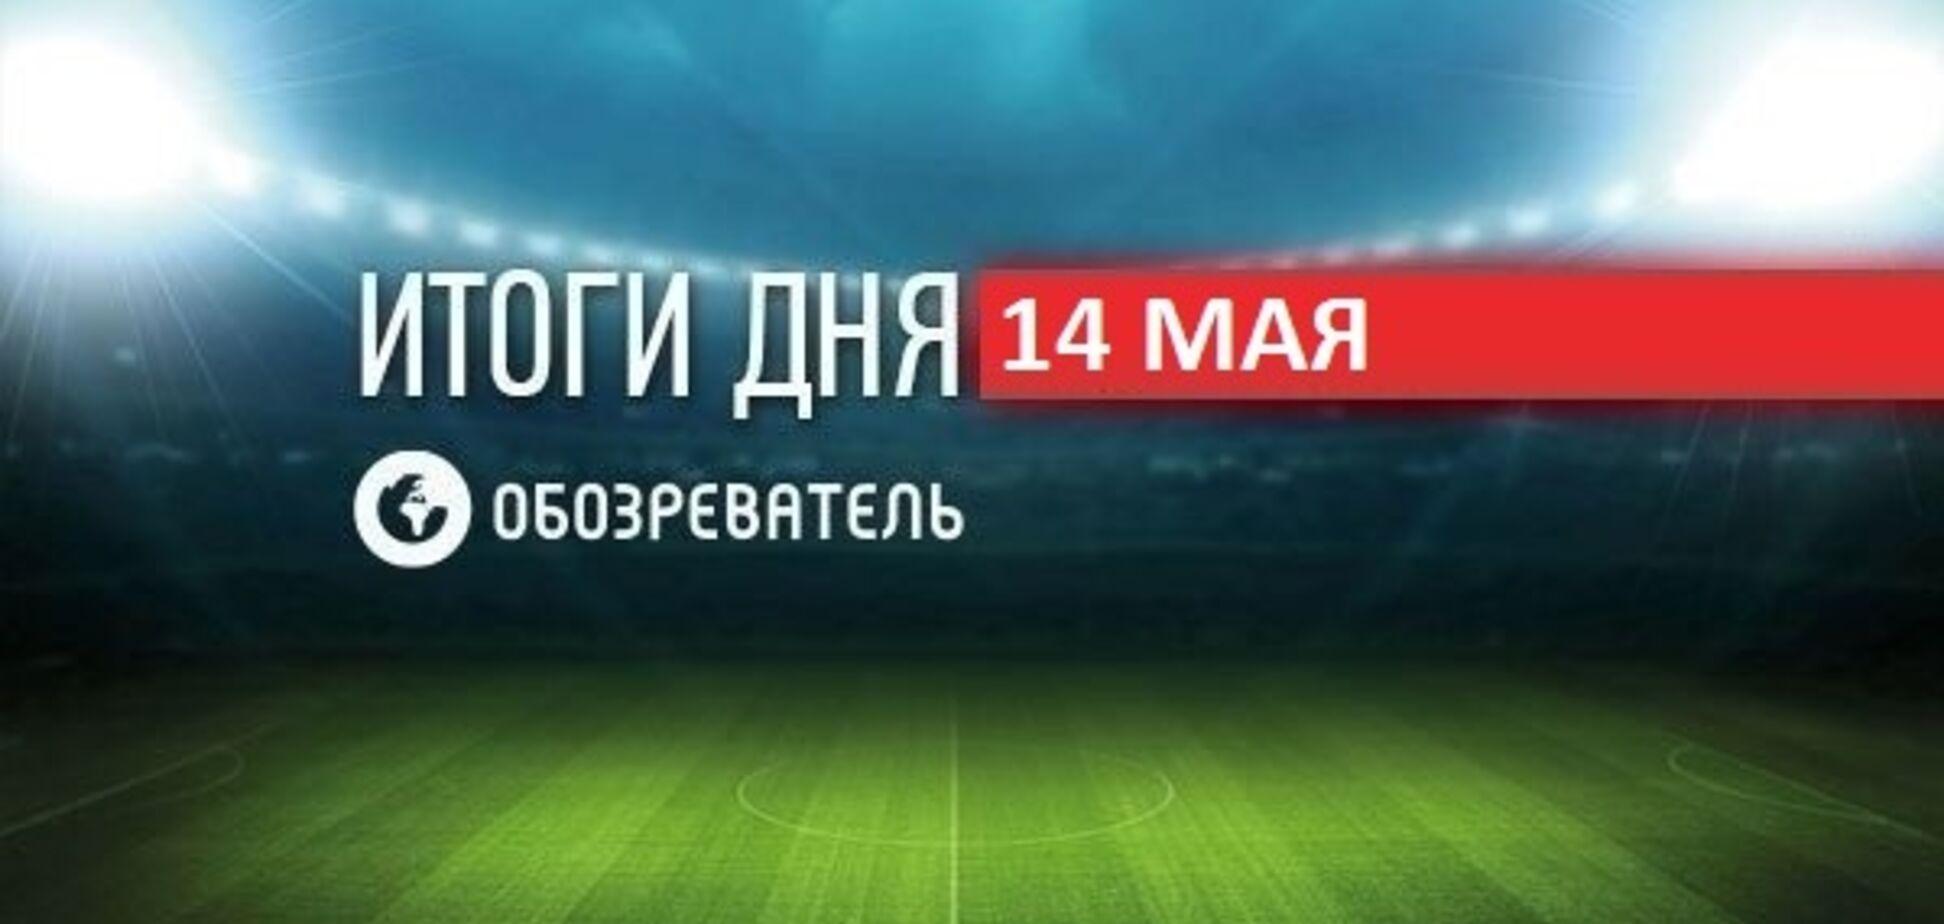 Українського чемпіона світу заарештували за вбивство: спортивні підсумки 14 травня